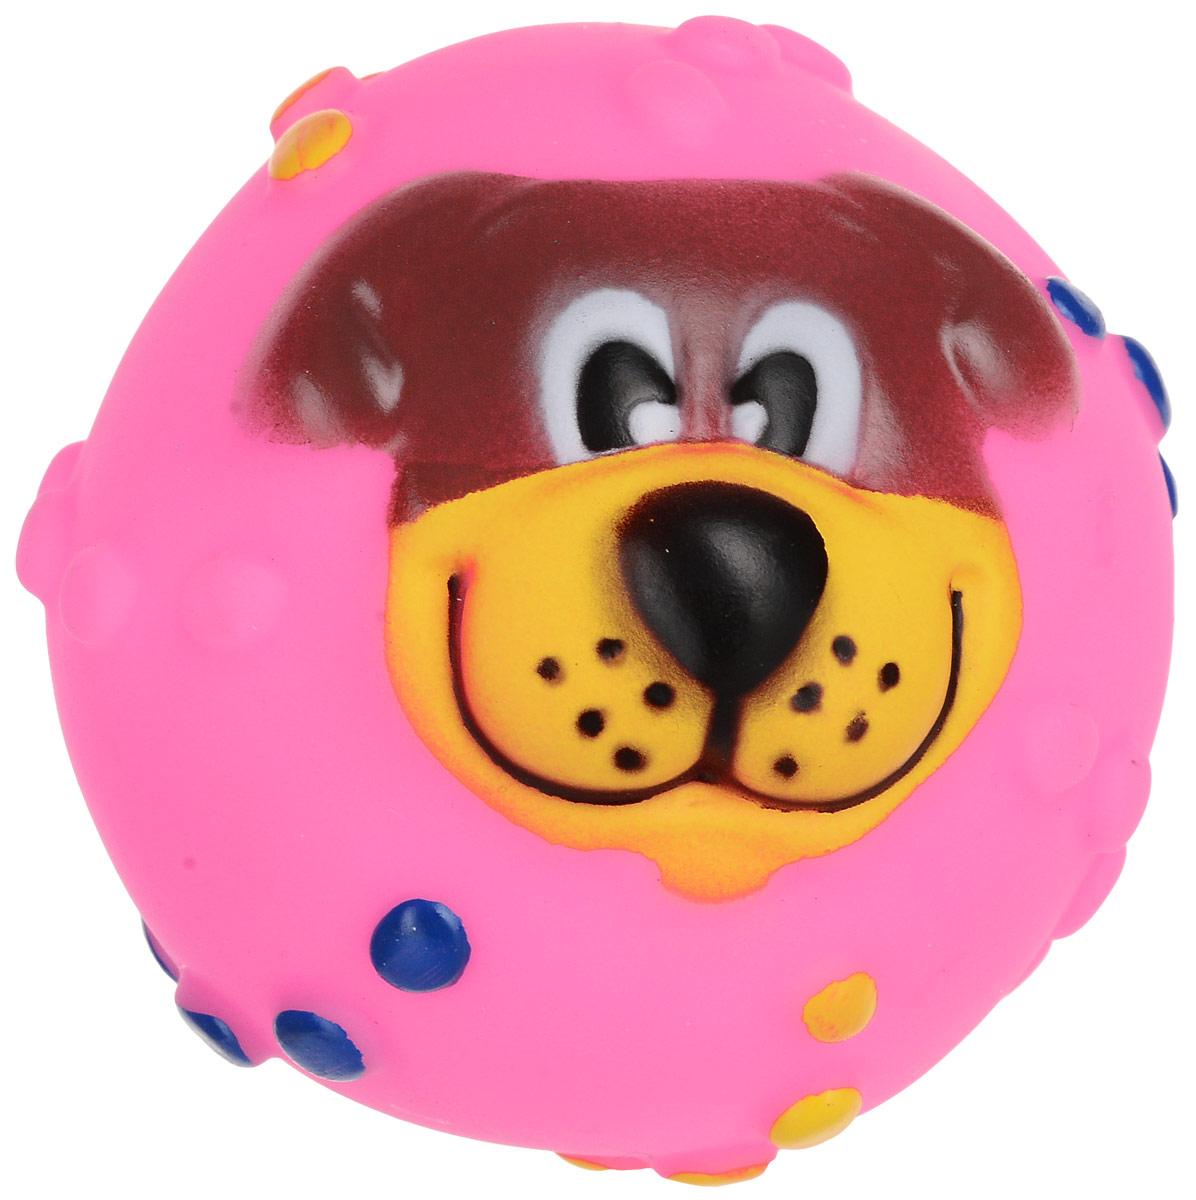 Игрушка для собак Уют Мяч собака, цвет: розовый, 6,5 см трикси игрушка для собак собака 28 см